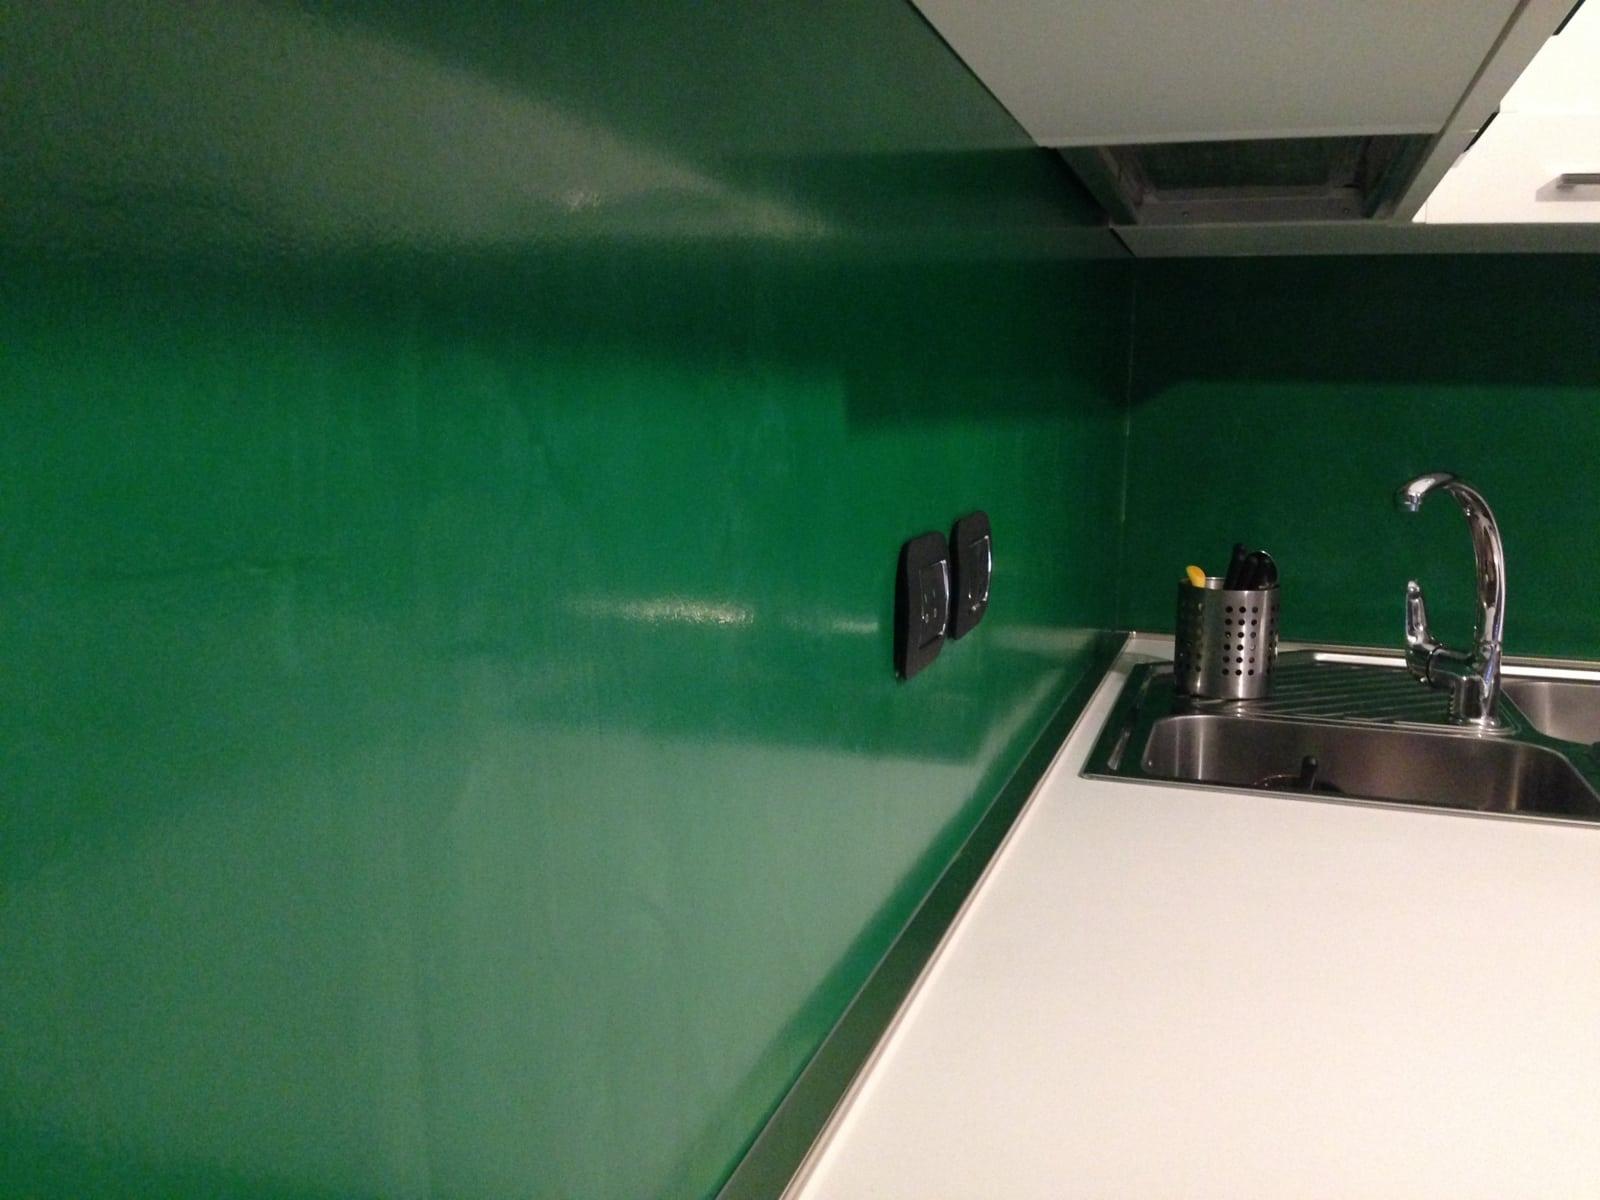 La resina può essere impiegata per creare pavimenti belli e colorati, ma soprattutto unici. Parete Cucina Resina Verde Enni Color